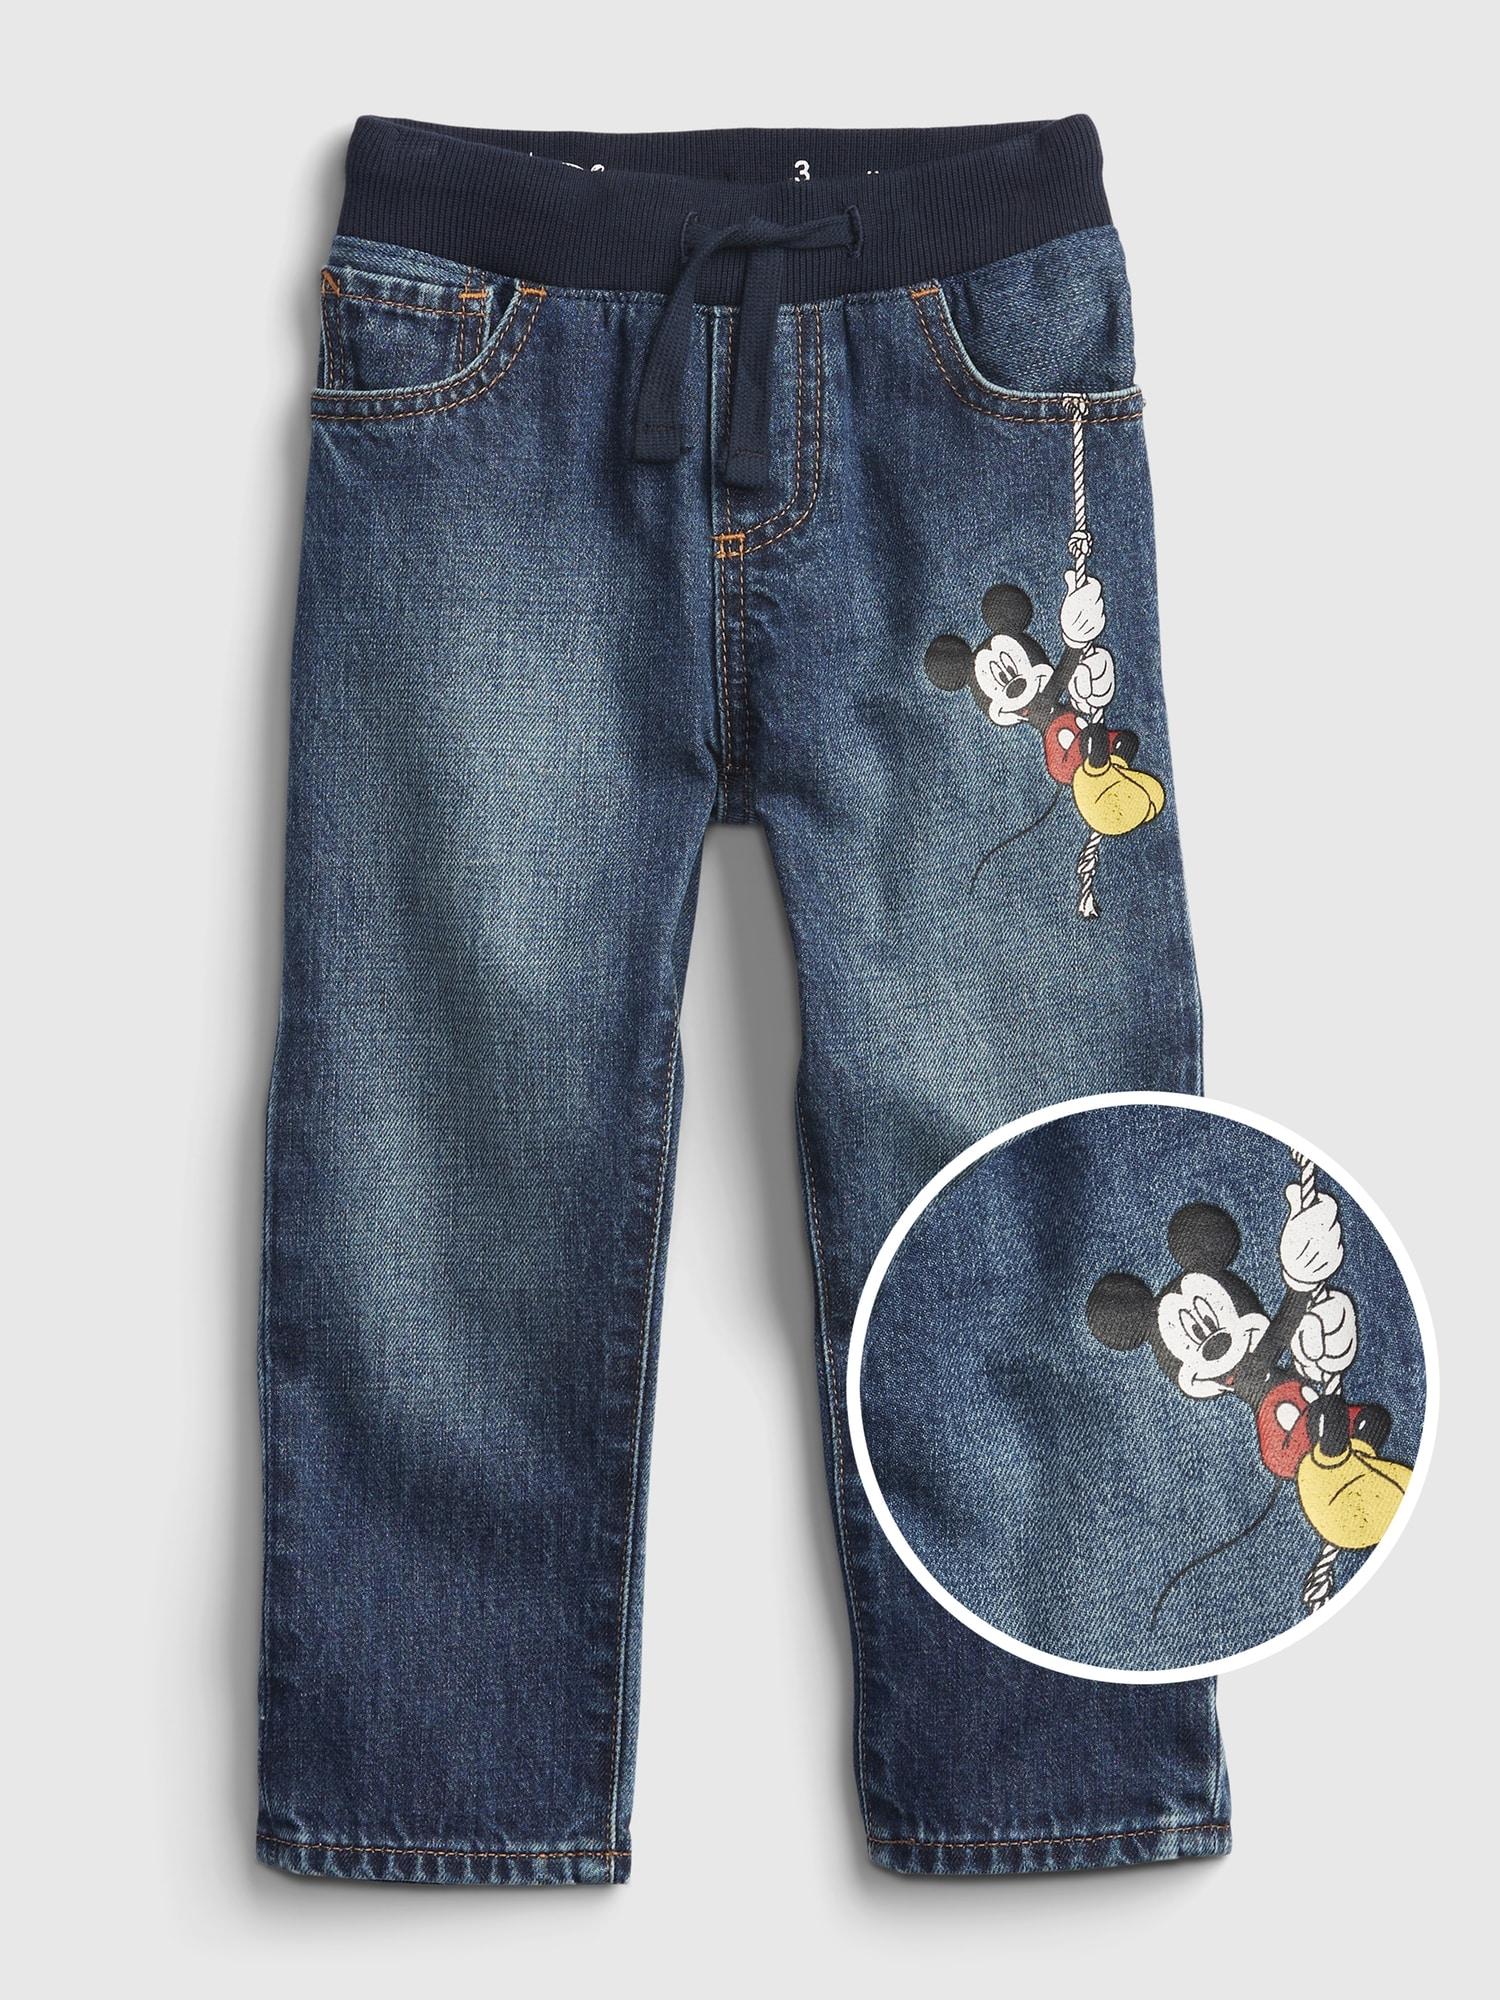 Babygap ディズニー ミッキーマウス スリムデニム